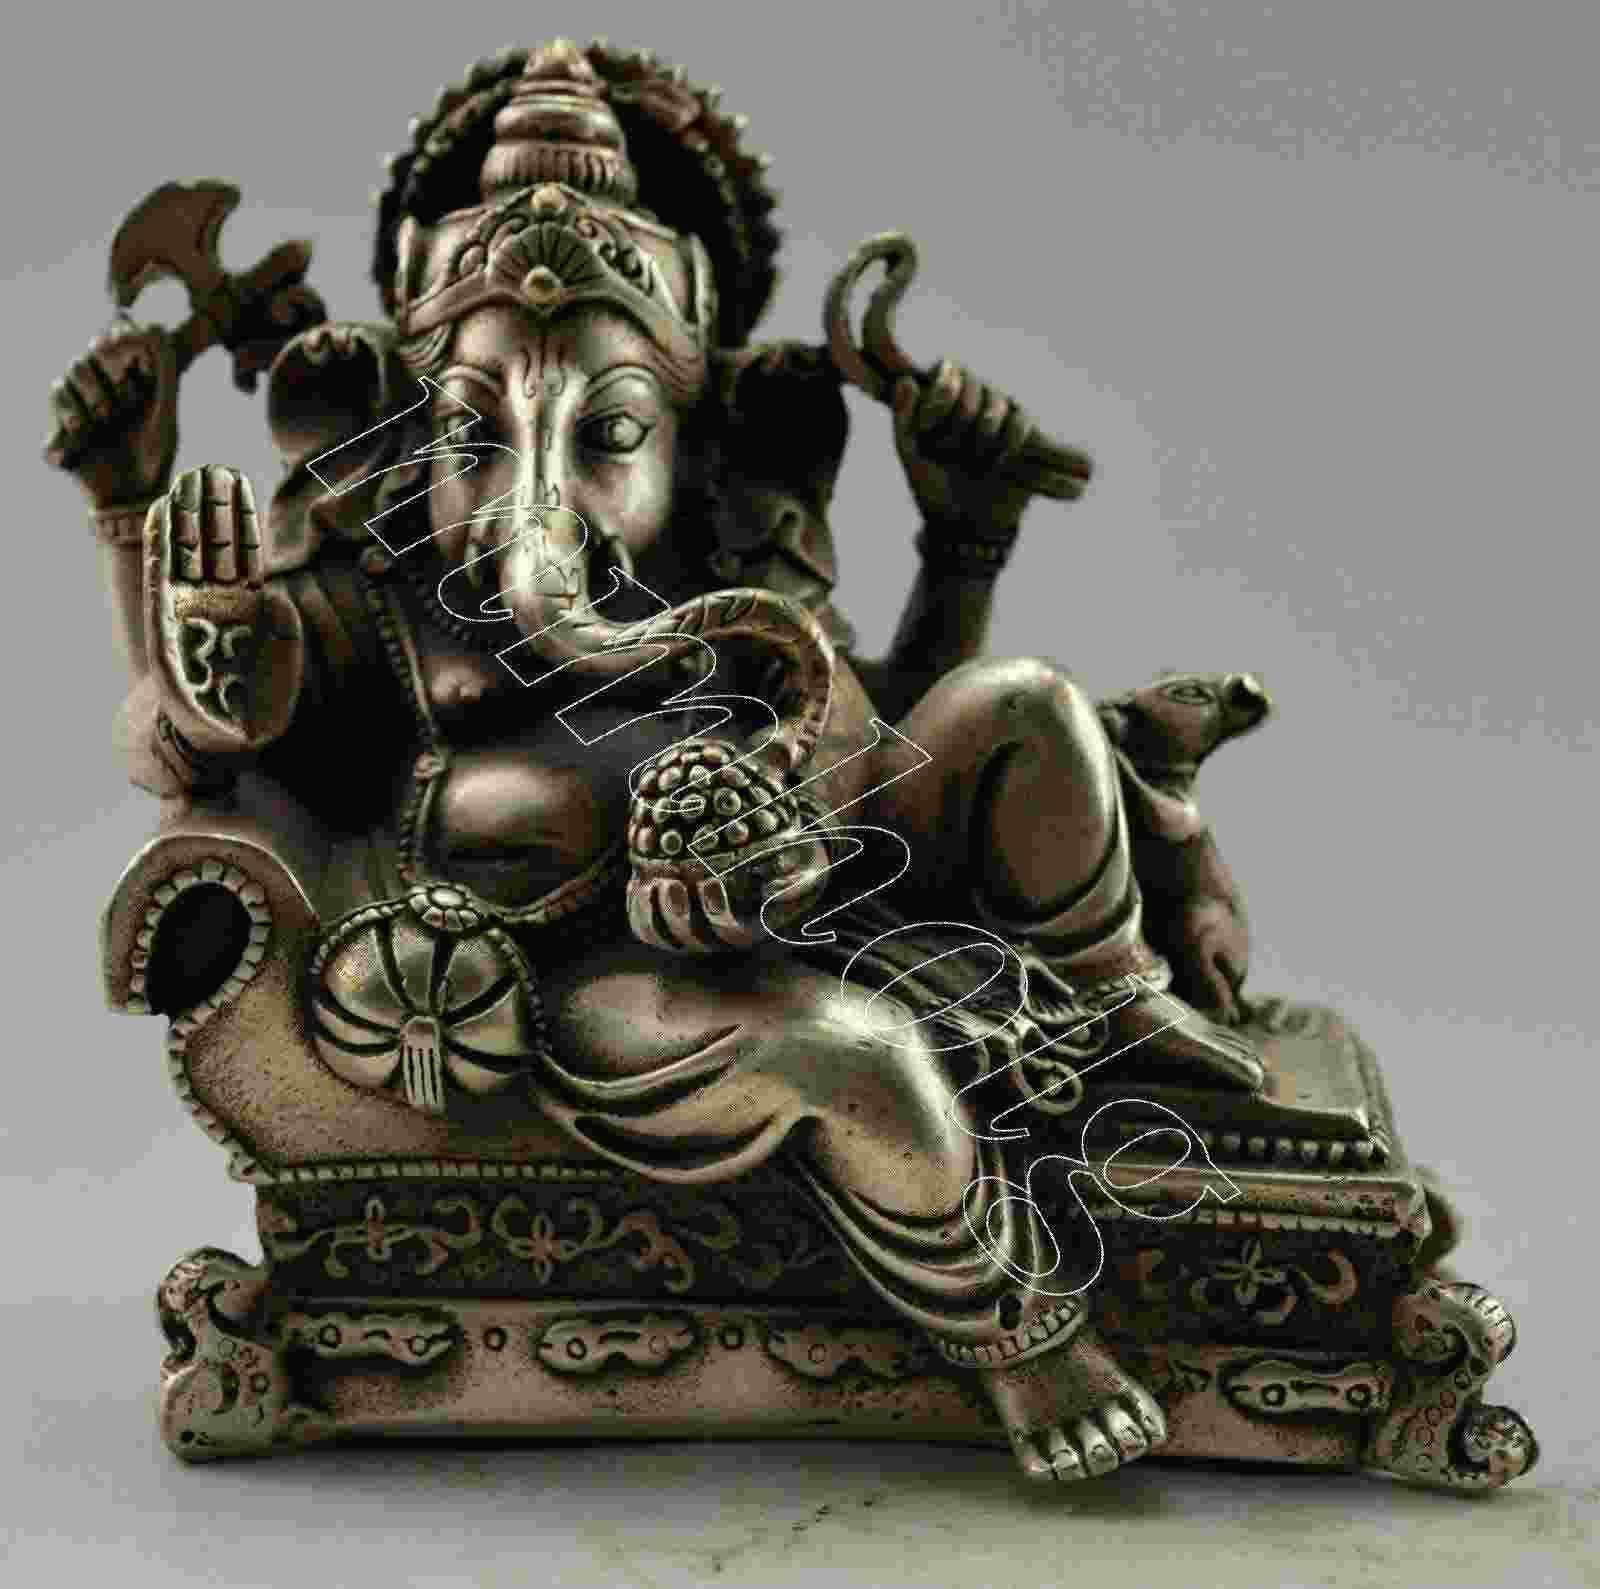 جمع الفضة القديمة لوحة النحاس الهند الثروة الله مستلق تمثال 12x12 سم